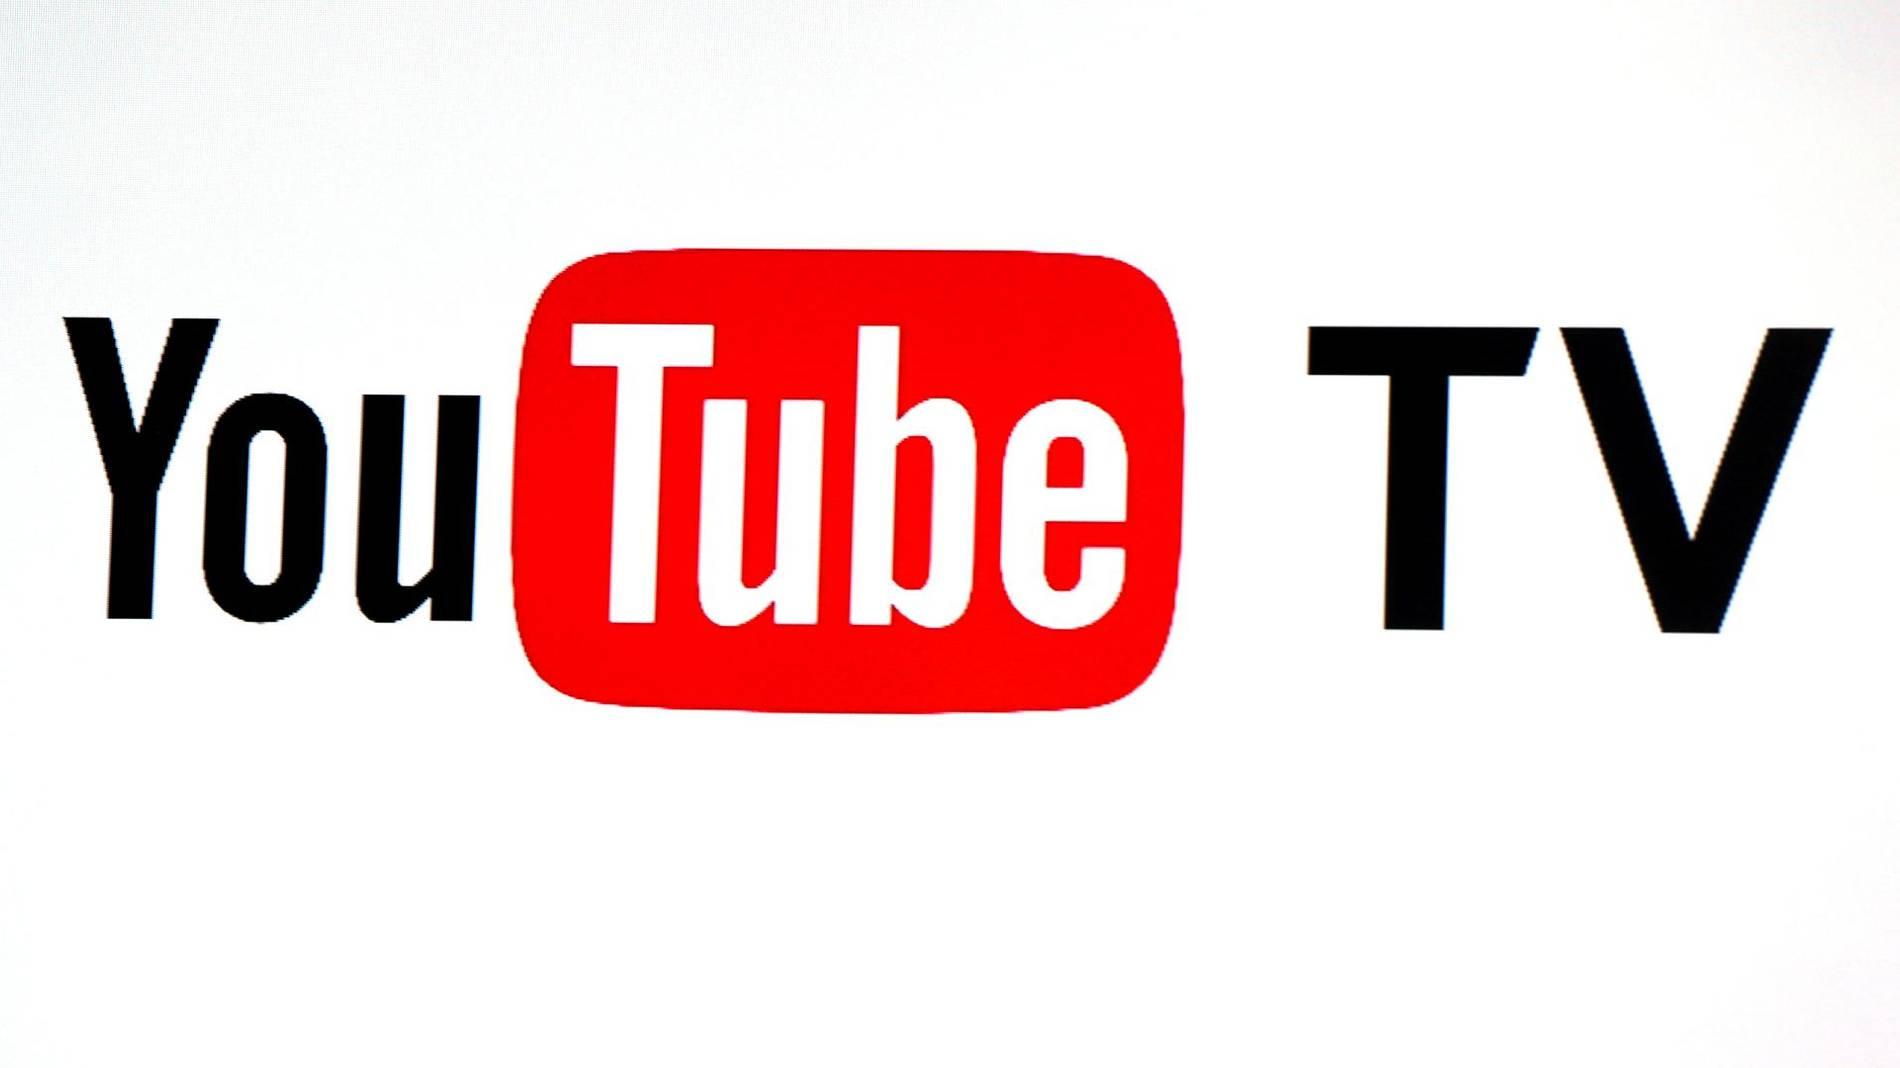 YouTube TV YouTube startet in den USA eigenen Fernsehdienst